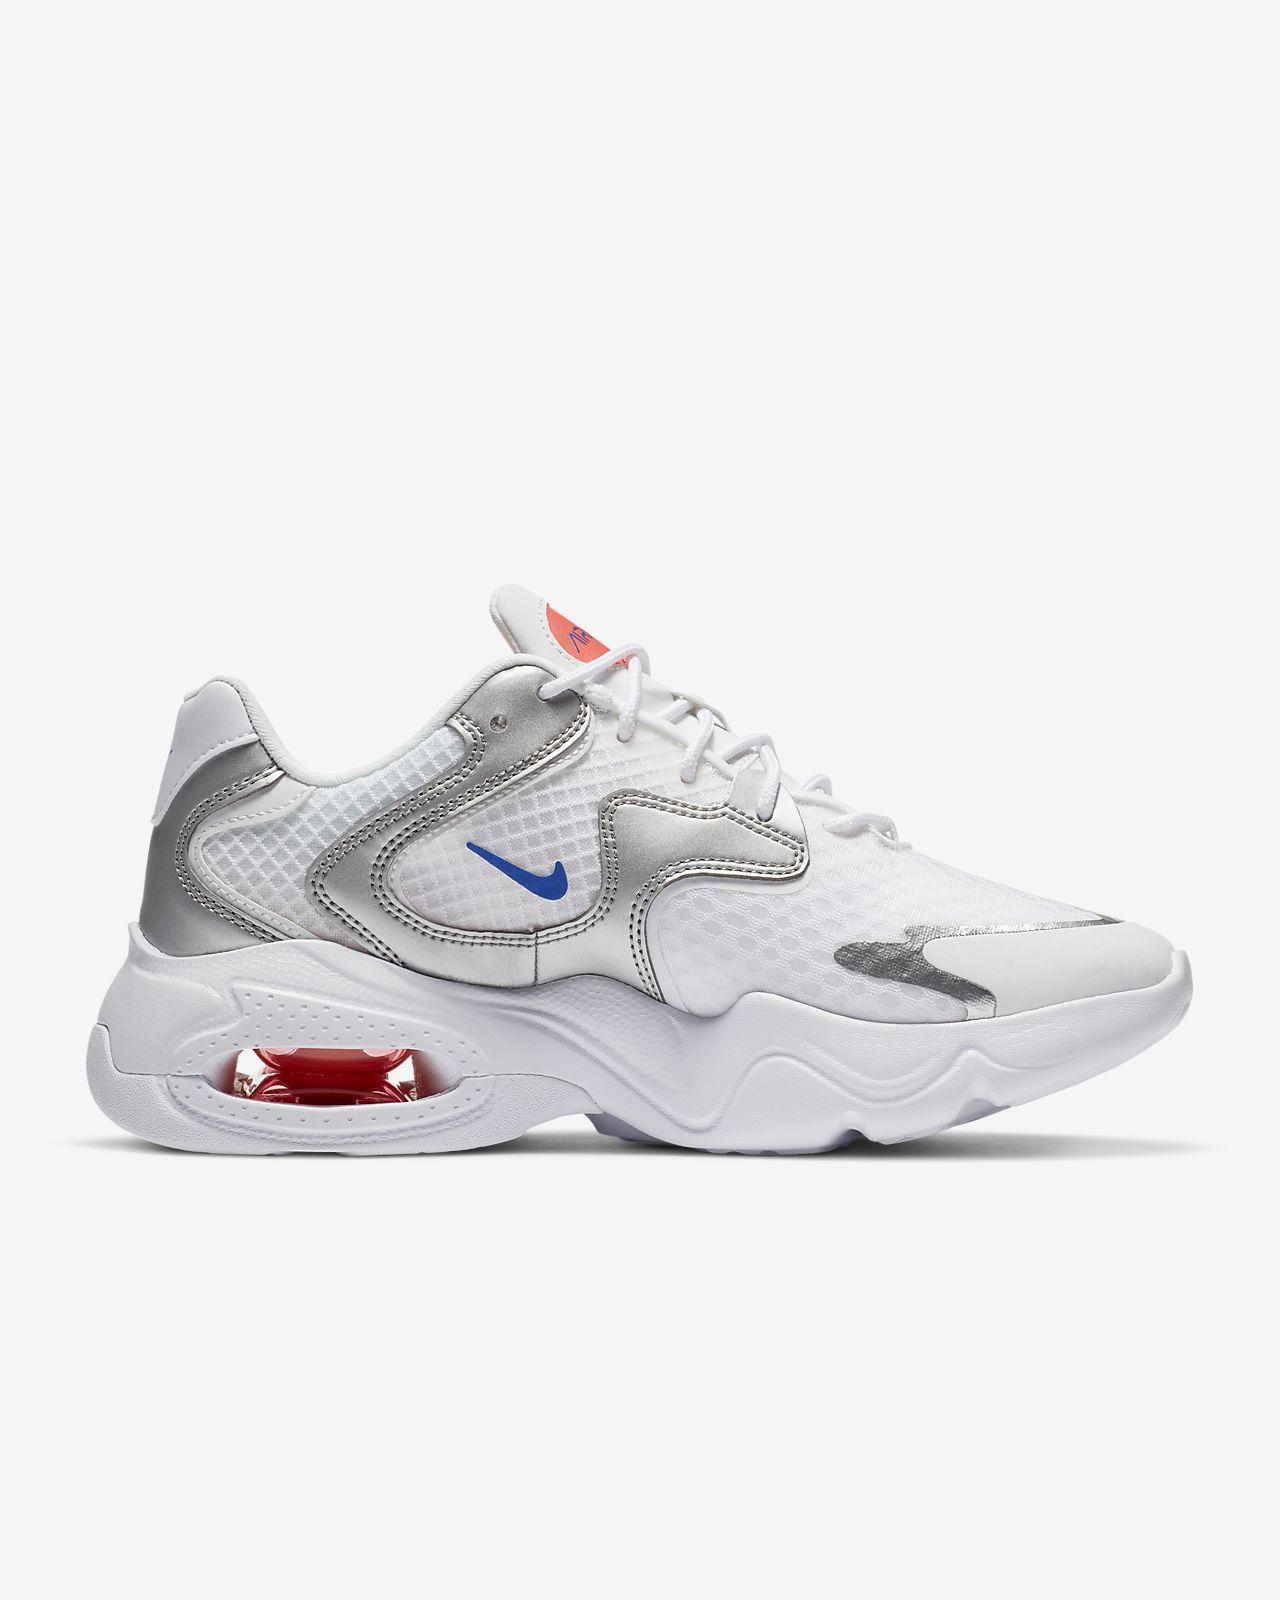 Sko Nike Air Max 2X för kvinnor